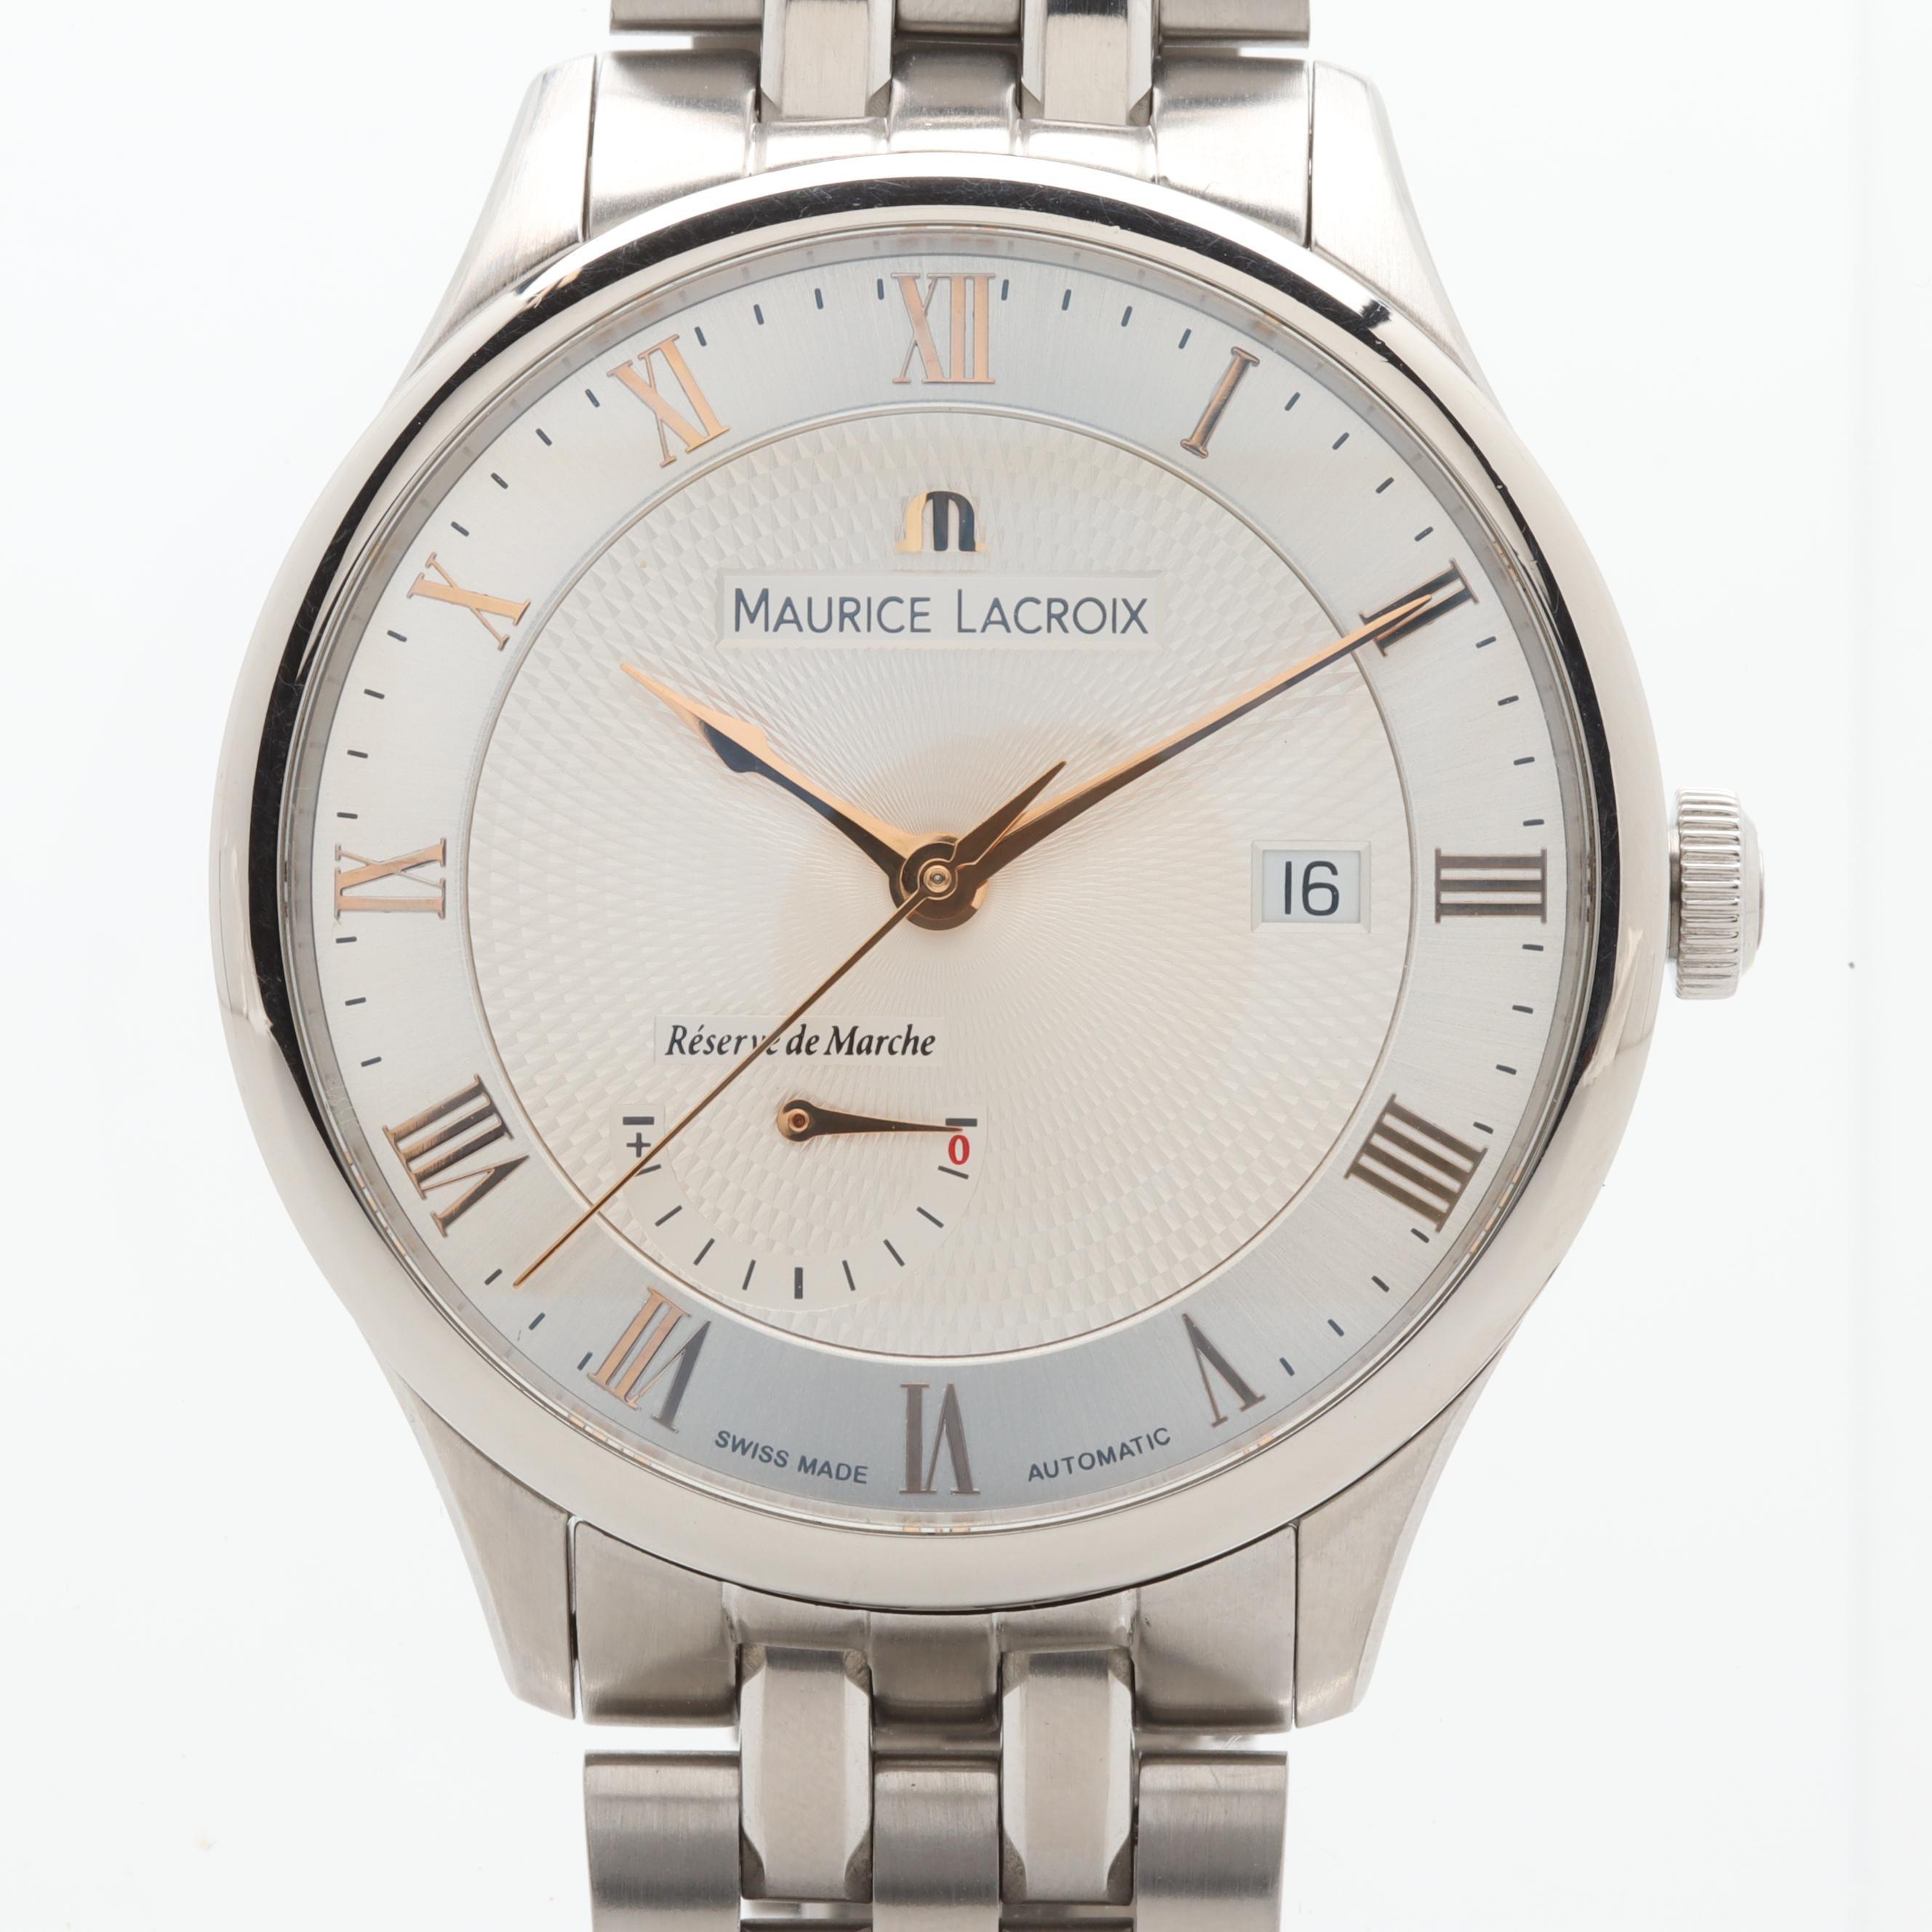 Maurice Lacroix Masterpiece Reserve de Marche Automatic Wristwatch